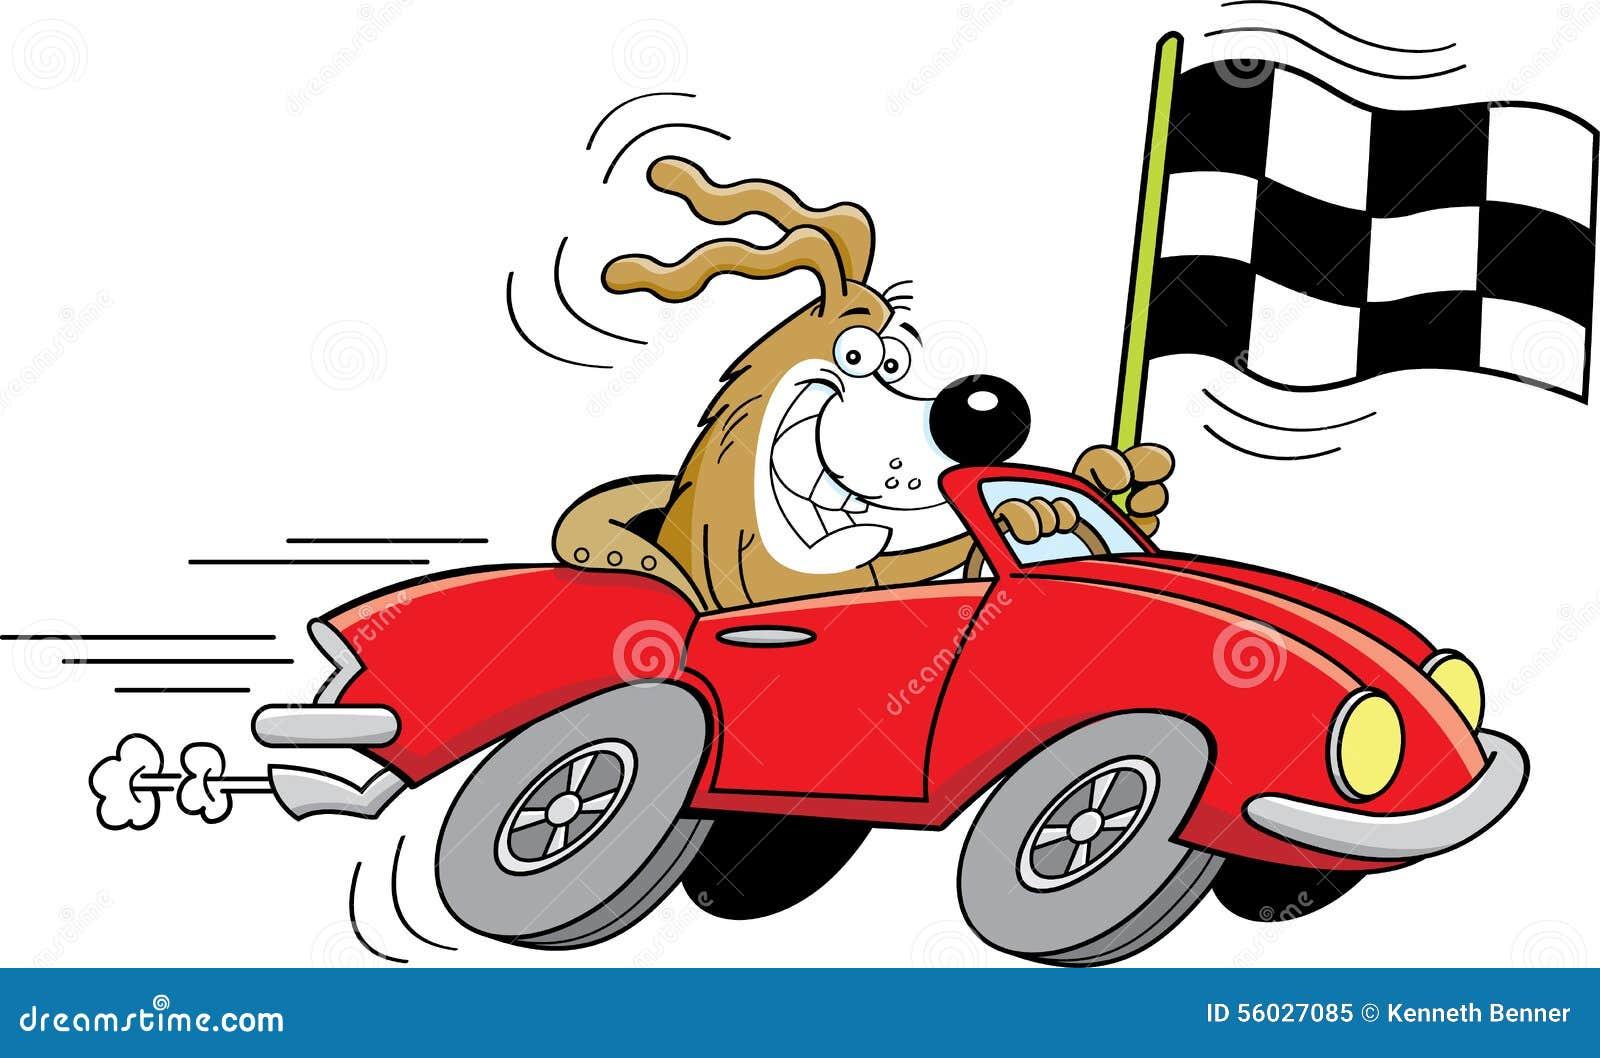 karikaturhund in einem auto das eine zielflagge wellenartig bewegt vektor abbildung bild. Black Bedroom Furniture Sets. Home Design Ideas